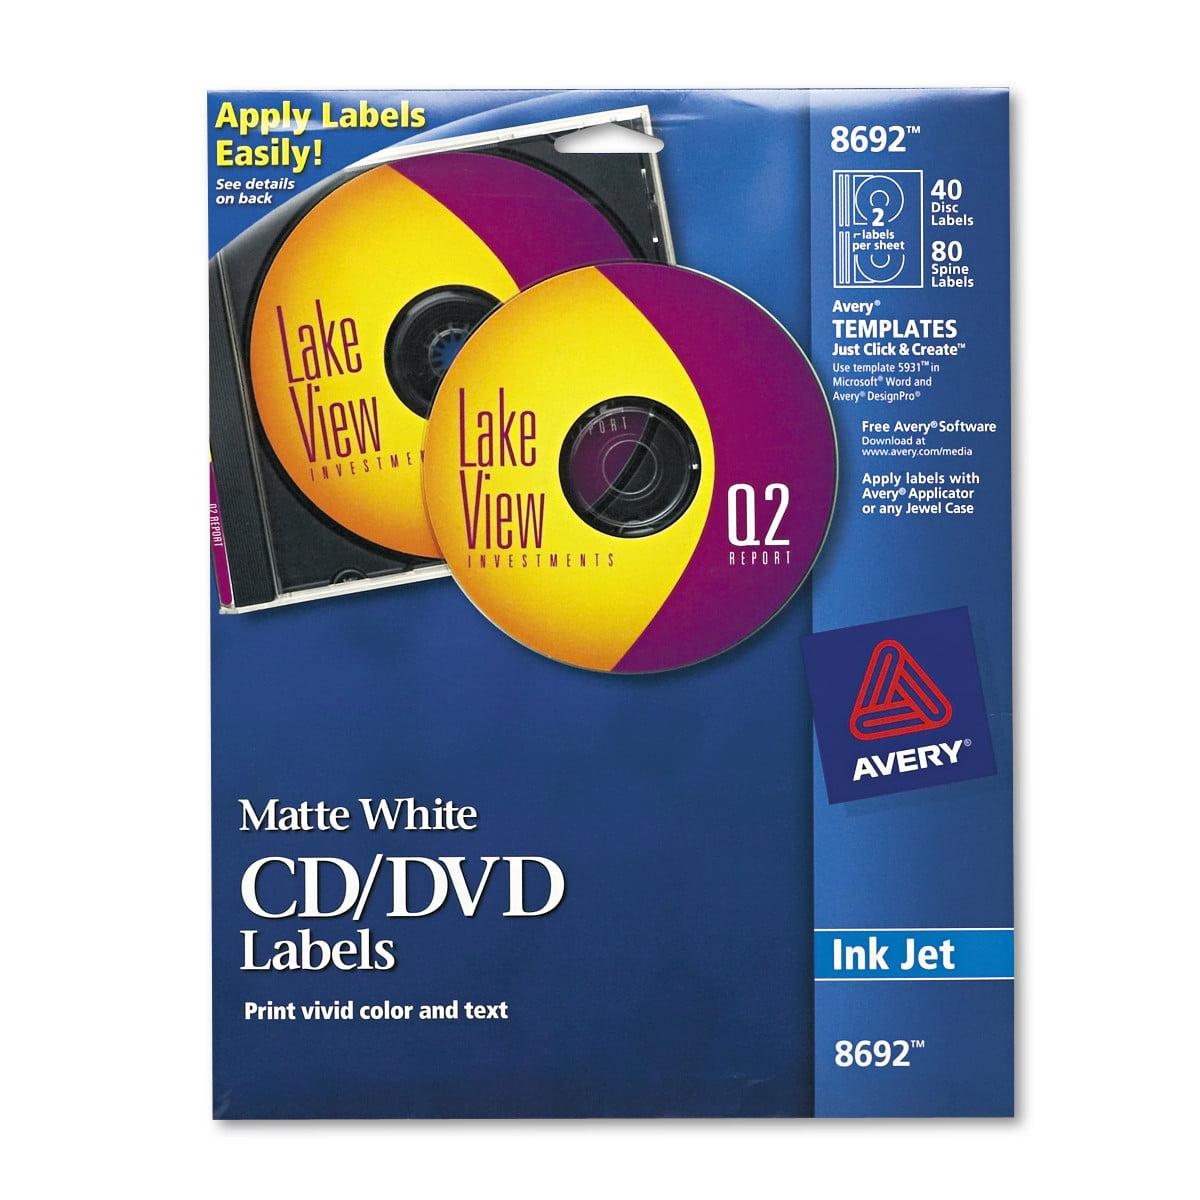 avery inkjet cd labels matte white 40pack walmartcom